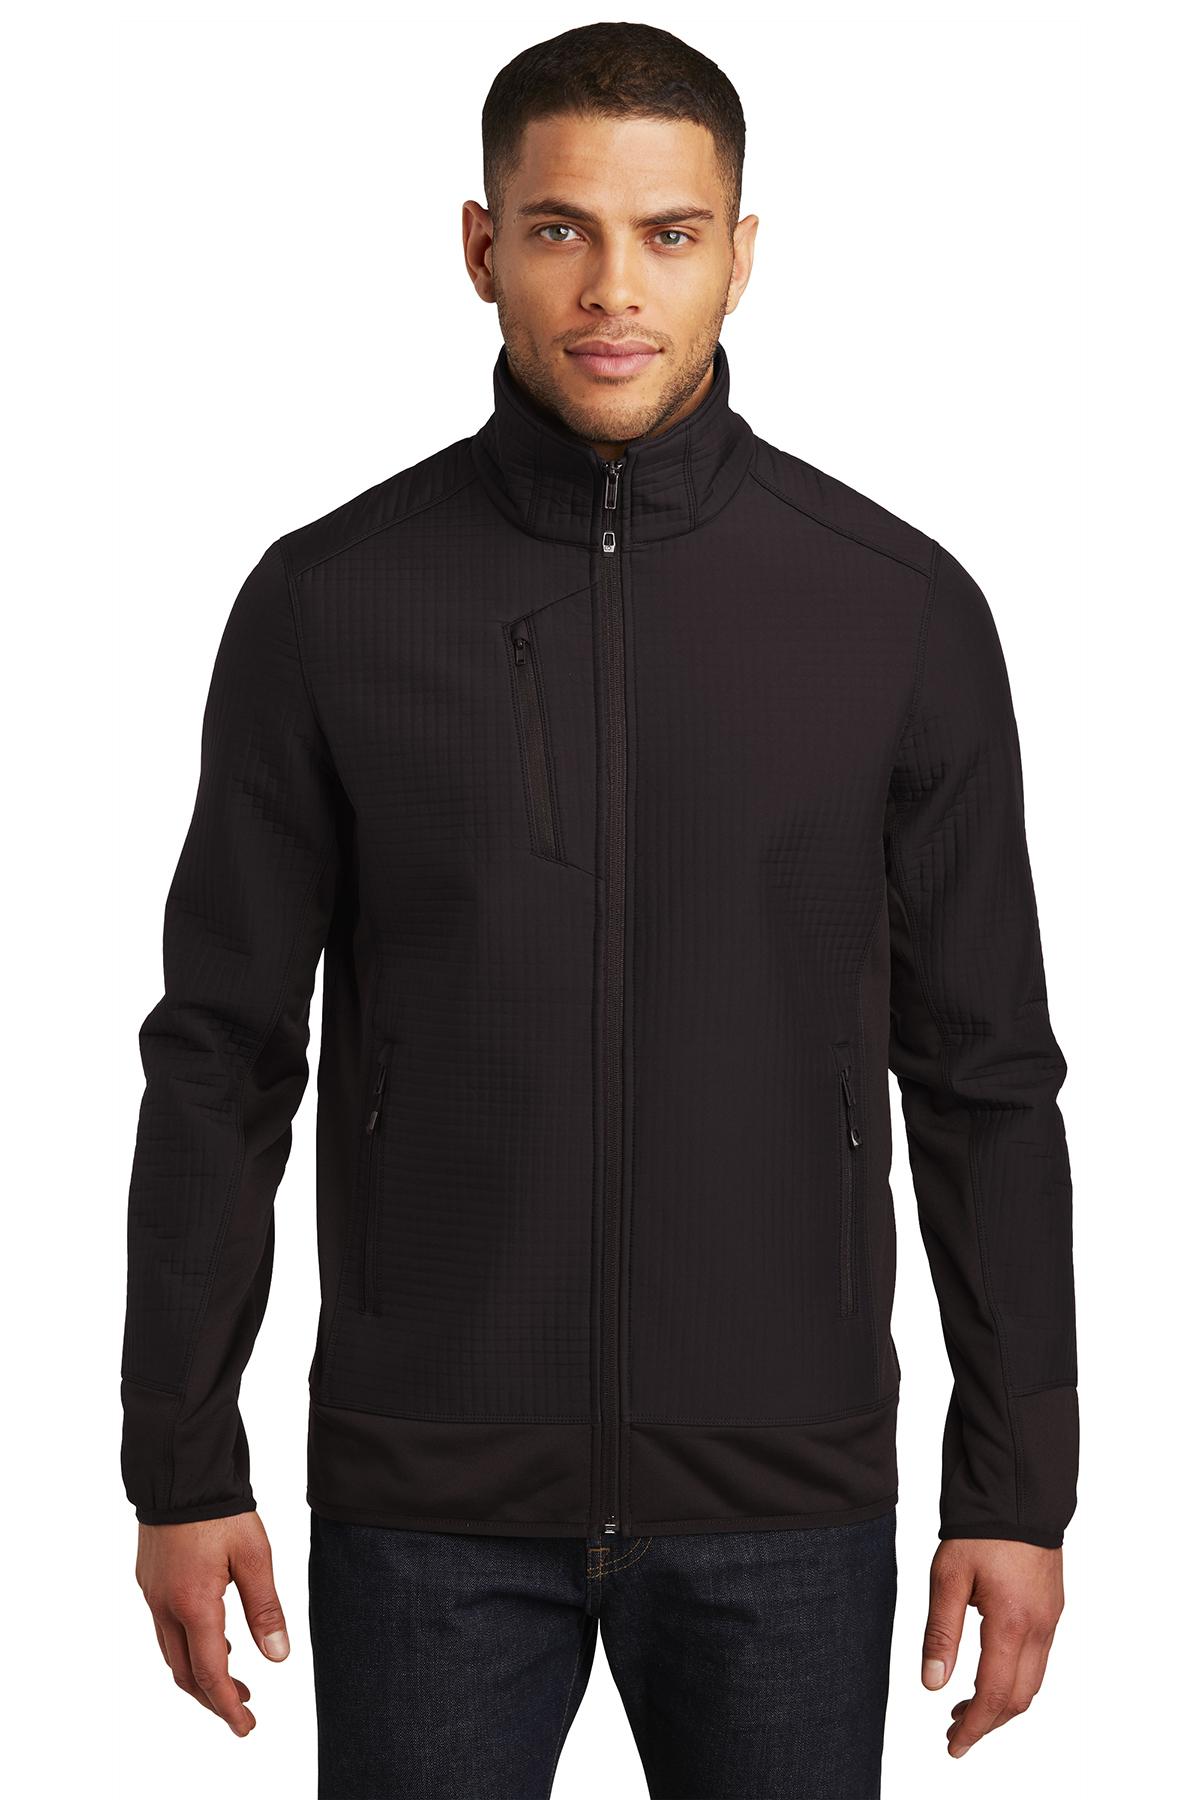 OGIO OG726 - Men's Trax Jacket